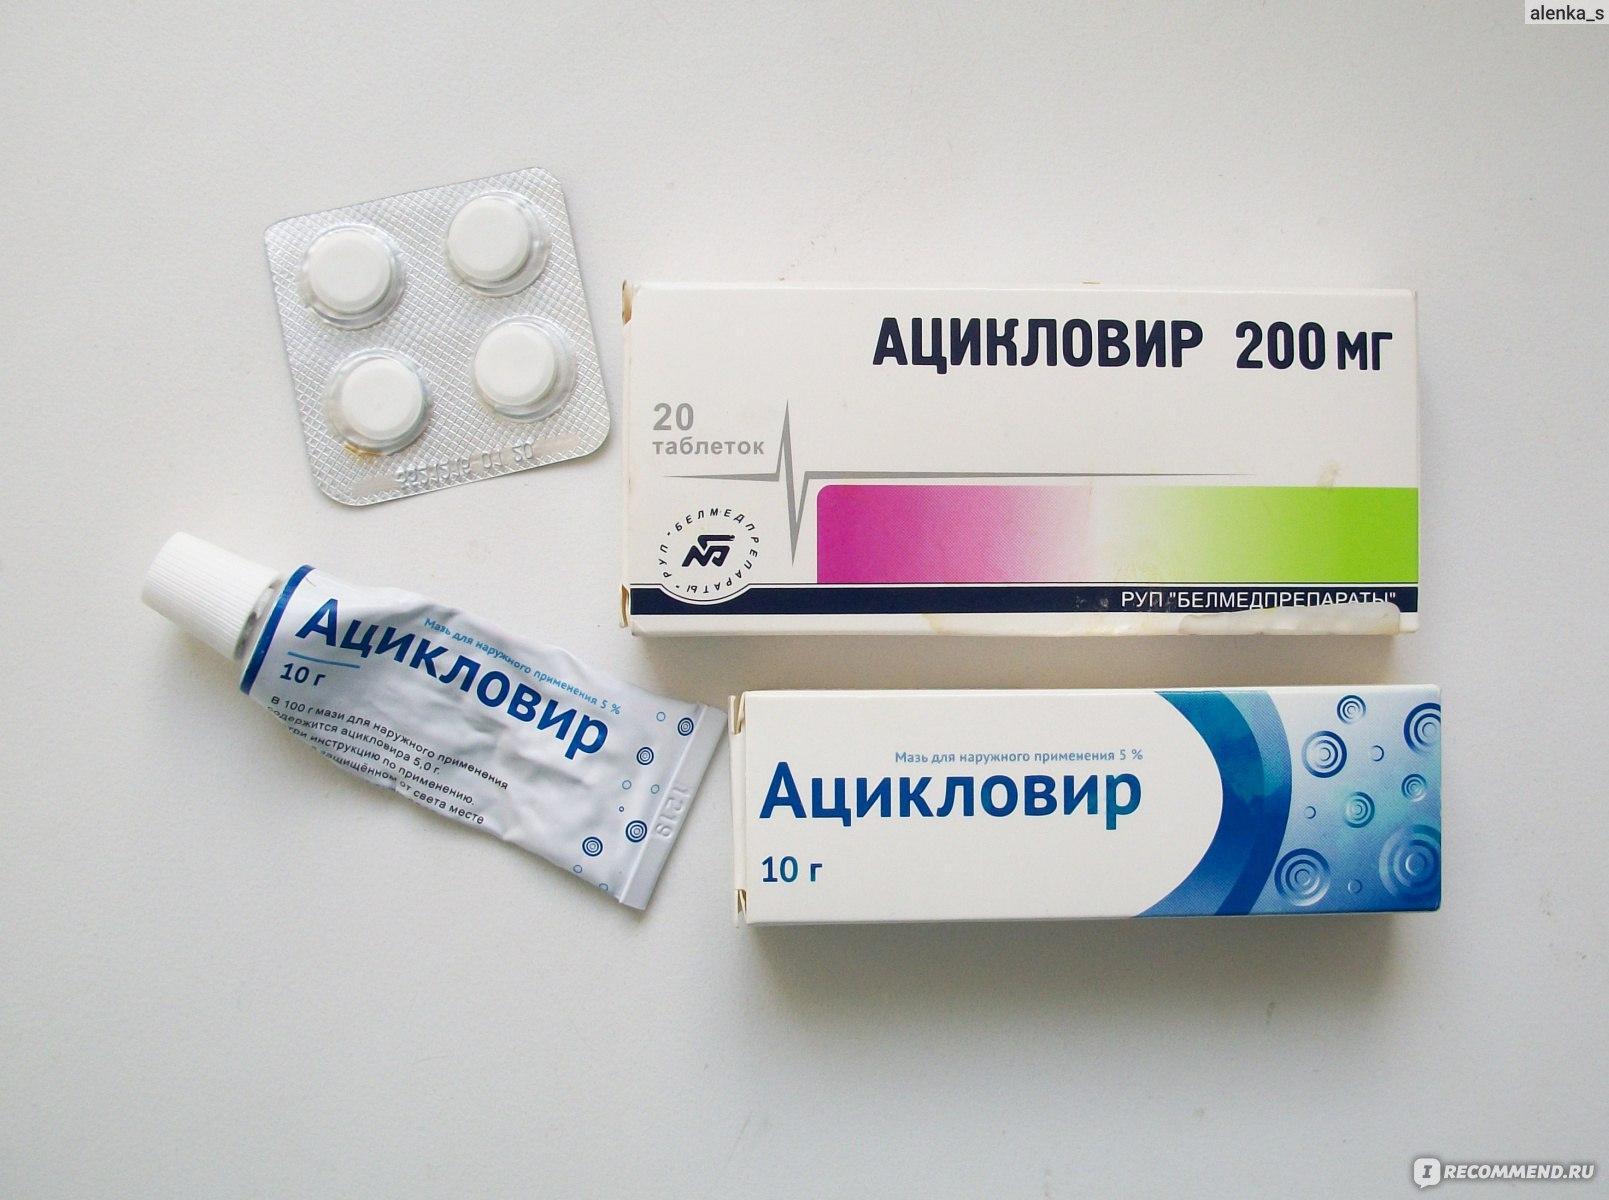 Применение Ацикловира от генитального герпеса